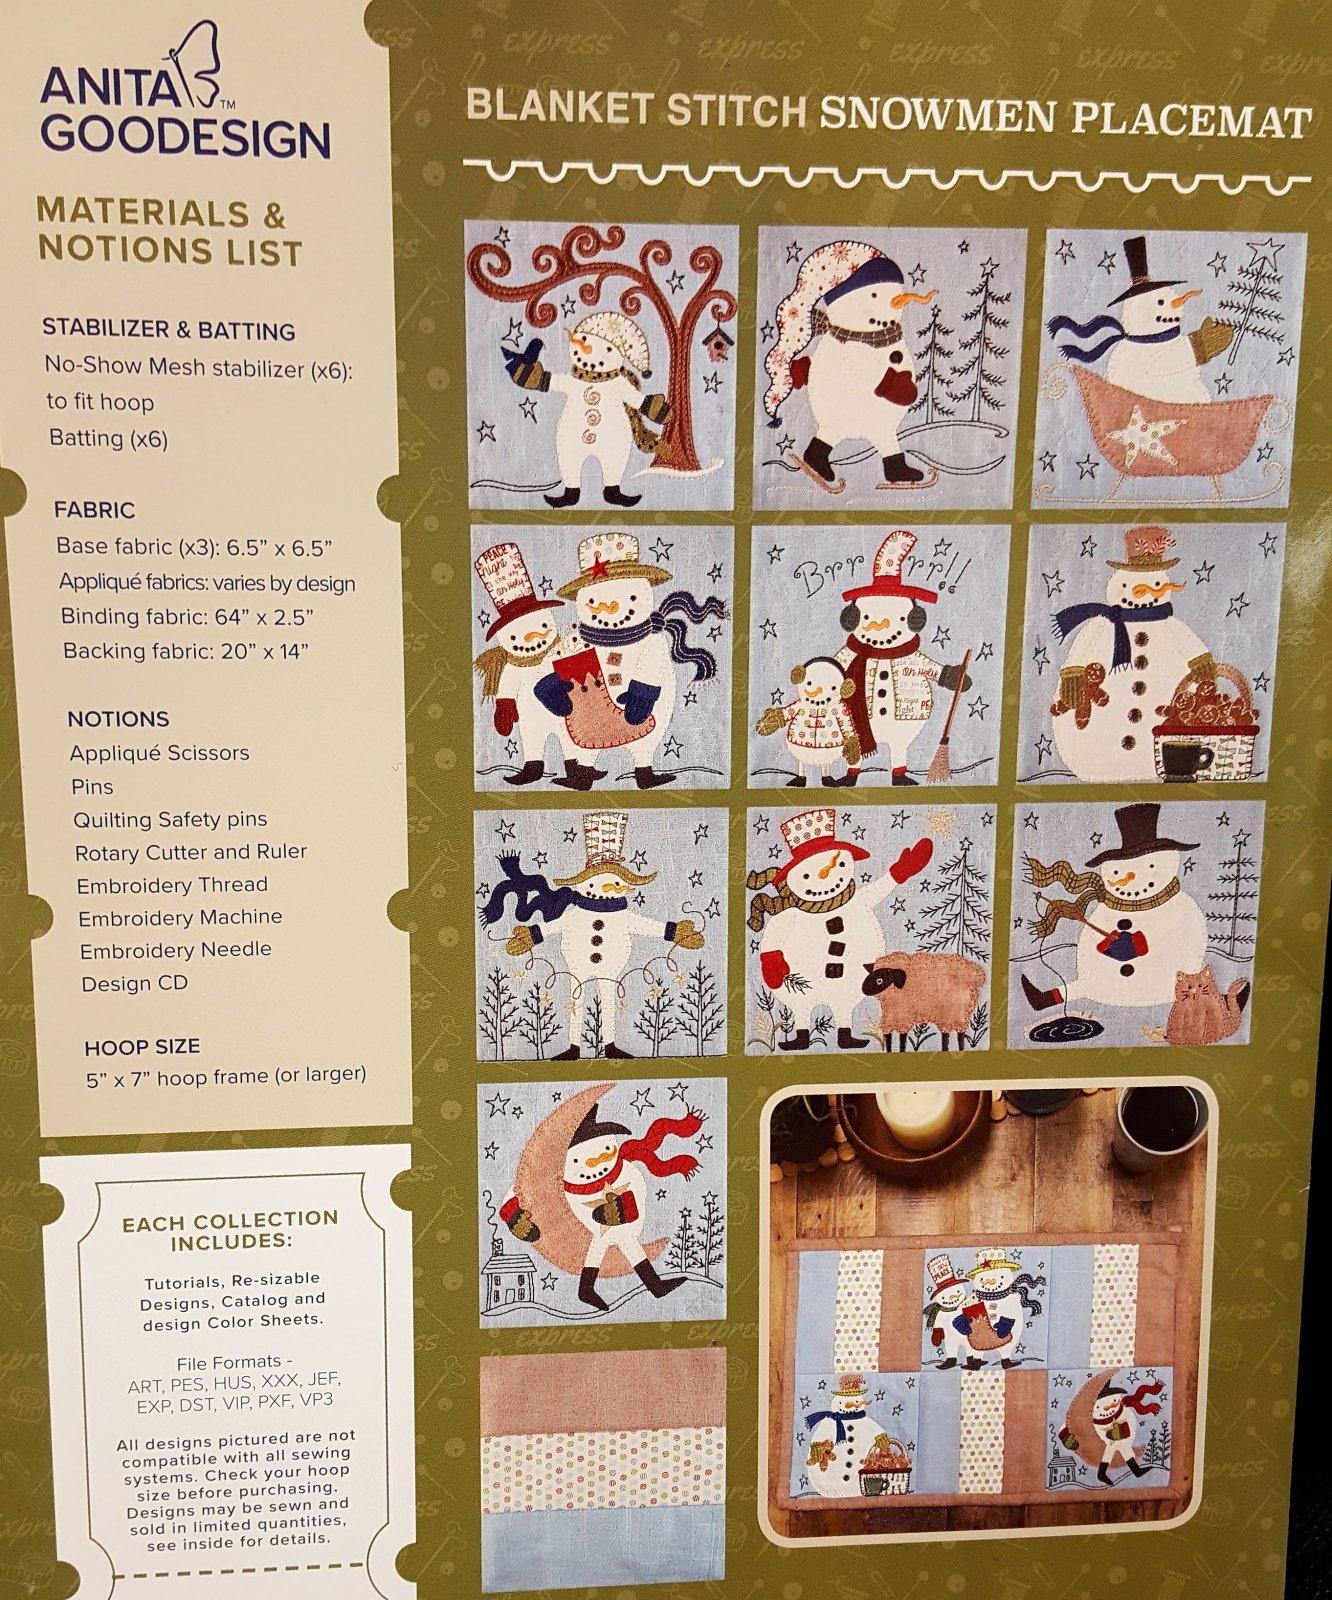 Anita Express Blanket Stitch Snowmen